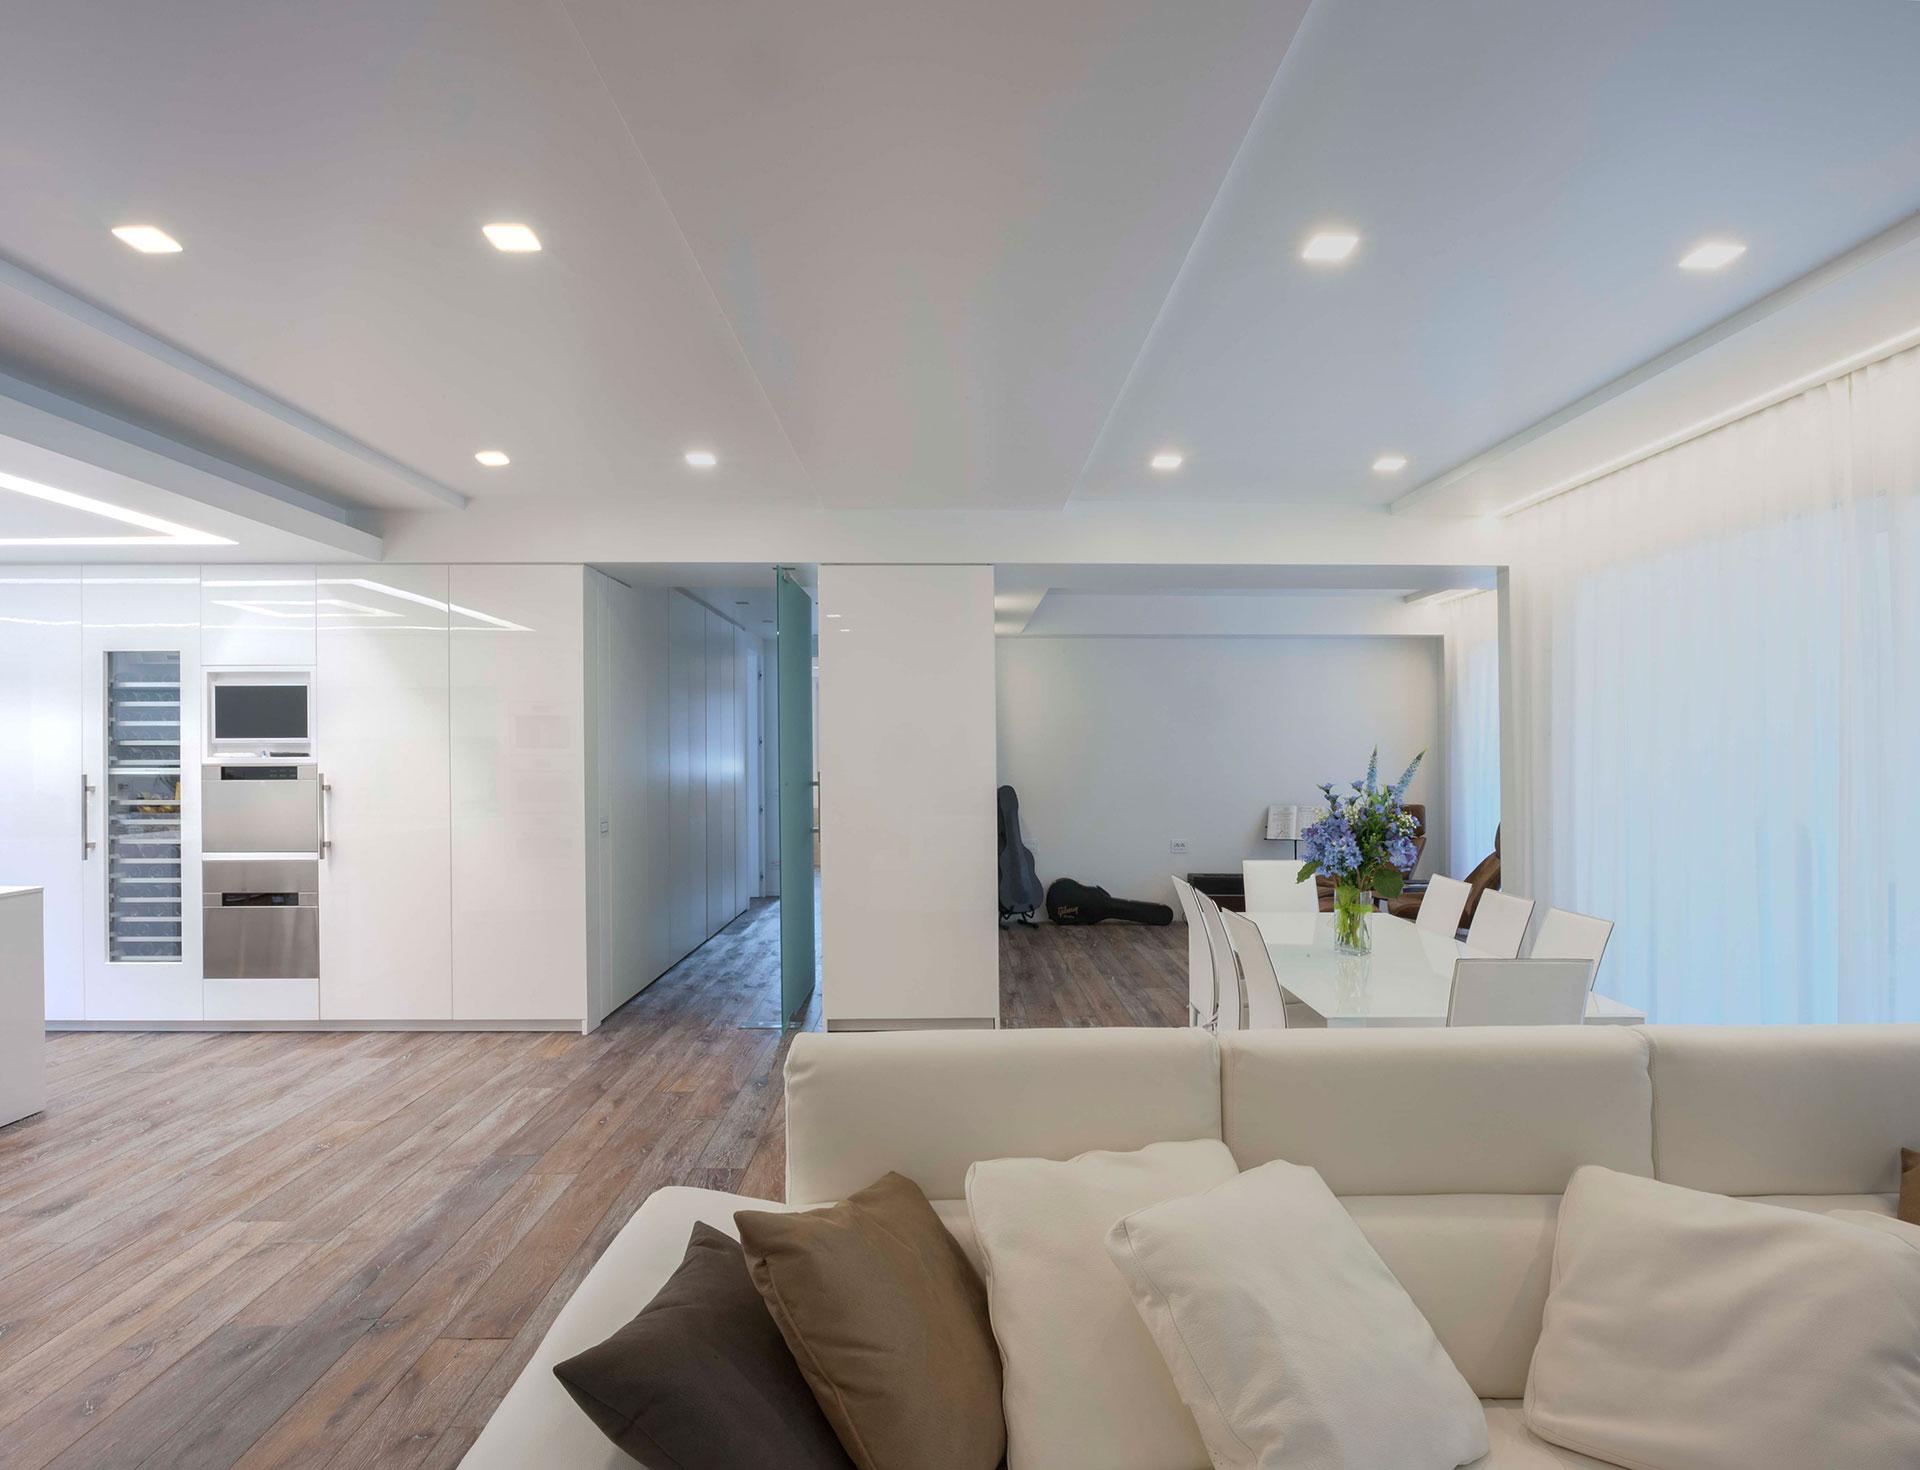 lampadari zona living : Lampadari Per Salone Moderno : Illuminazione Living Cucina: Lampadari ...